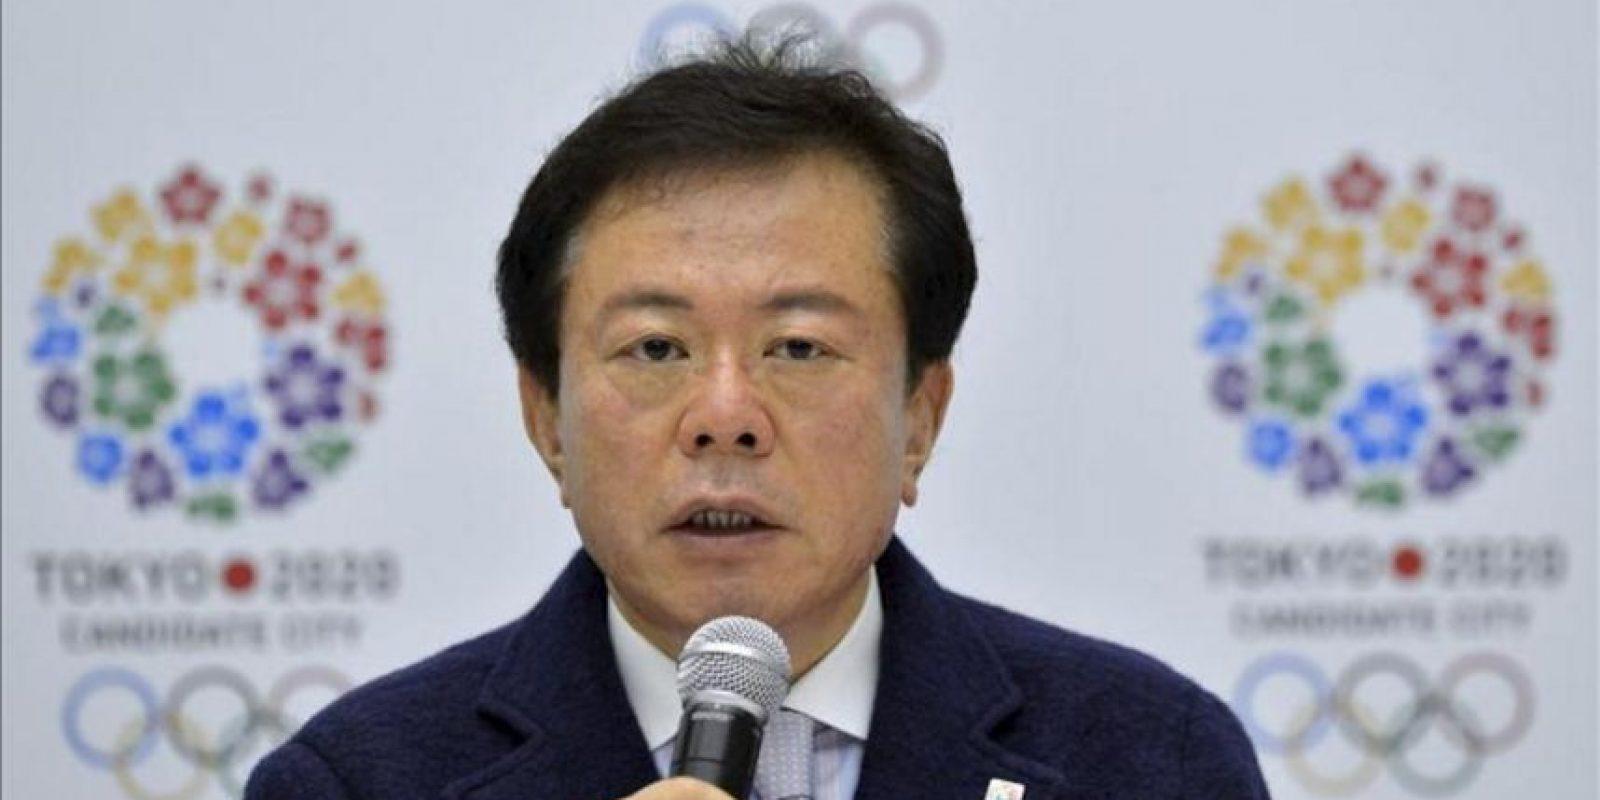 Imagen de archivo distribuida hoy martes 30 de abril de 2013 que muestra al gobernador de Tokio, Naoki Inose, mientras ofrece una rueda de prensa sobre la candidatura de Tokio para los Juegos Olímpicos de 2020, en Tokio, Japón, el 8 de enero de 2013. EFE/Archivo